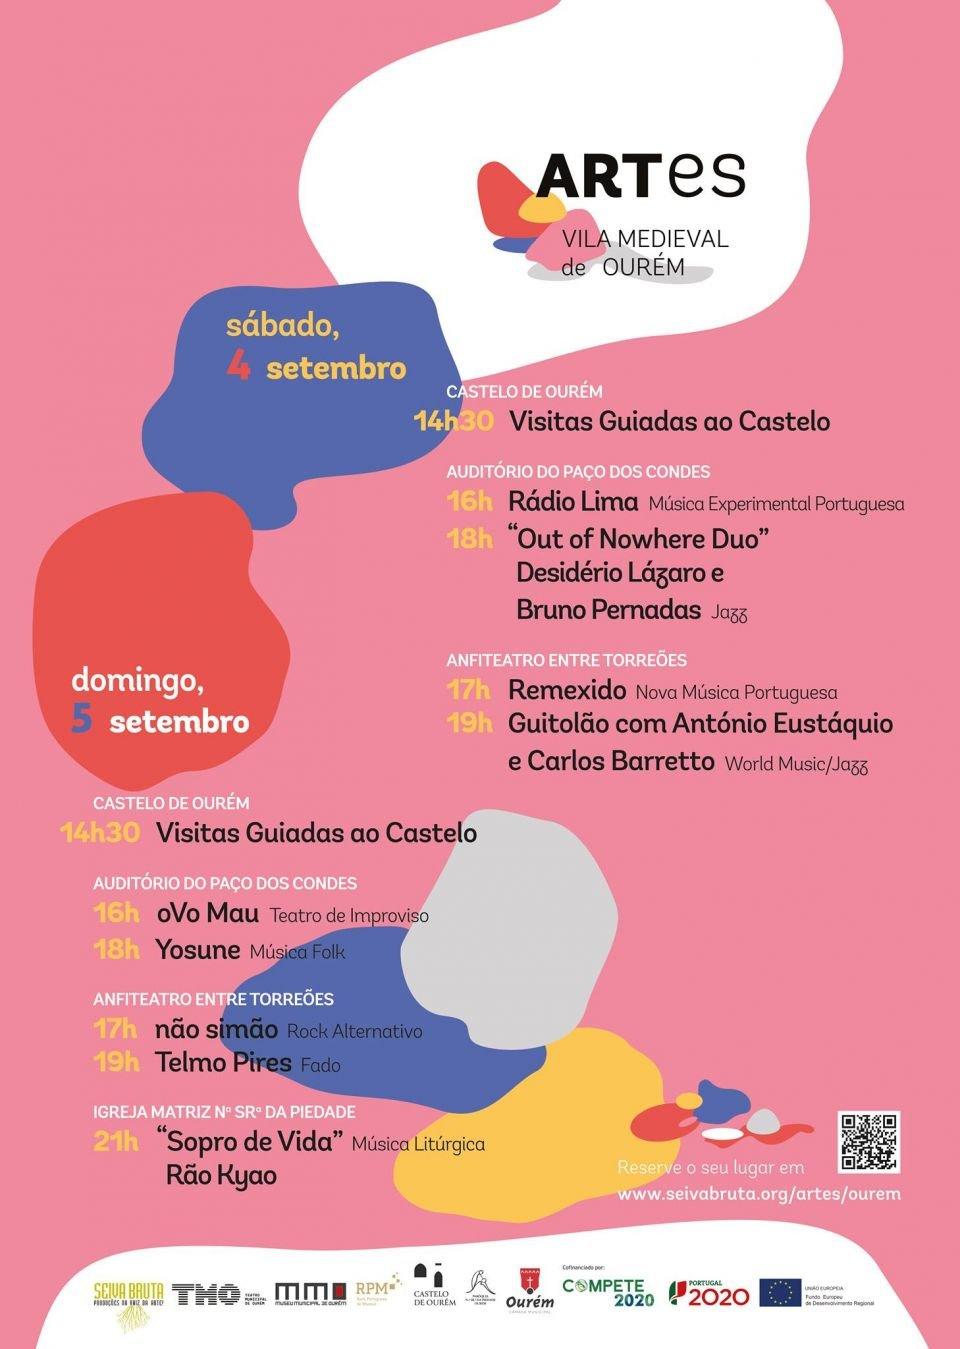 FESTIVAL ARTes - VILA MEDIEVAL DE OURÉM | VISITAS GUIADAS AO CASTELO